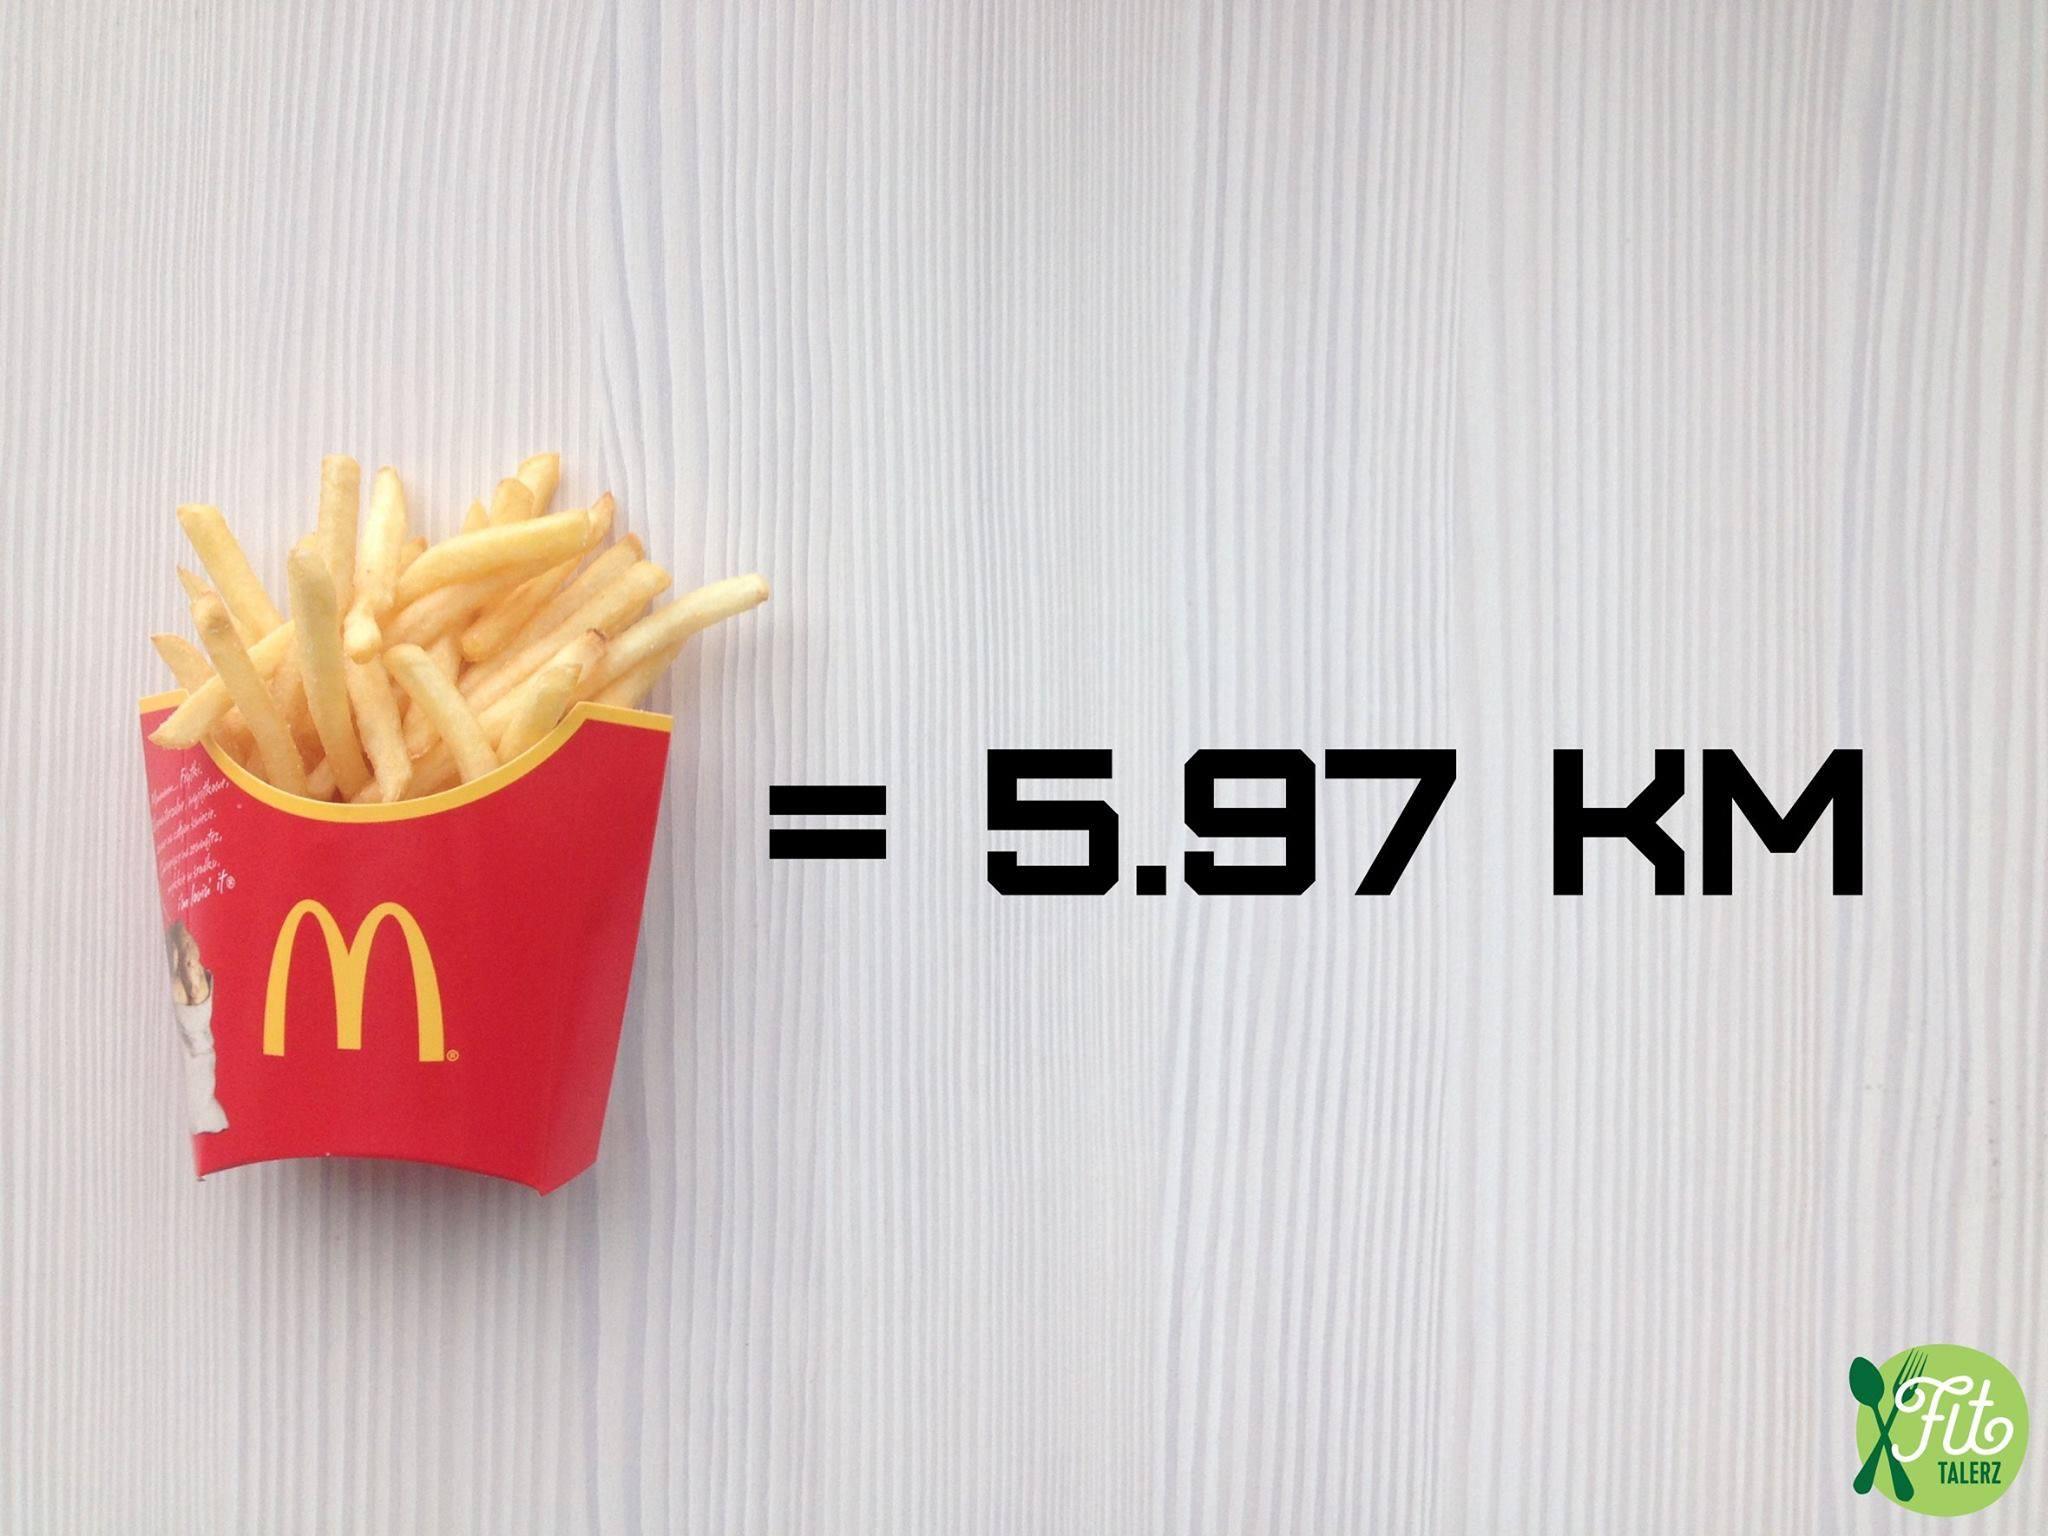 Quantos km voce precisa correr para queimar estes alimentos (5)